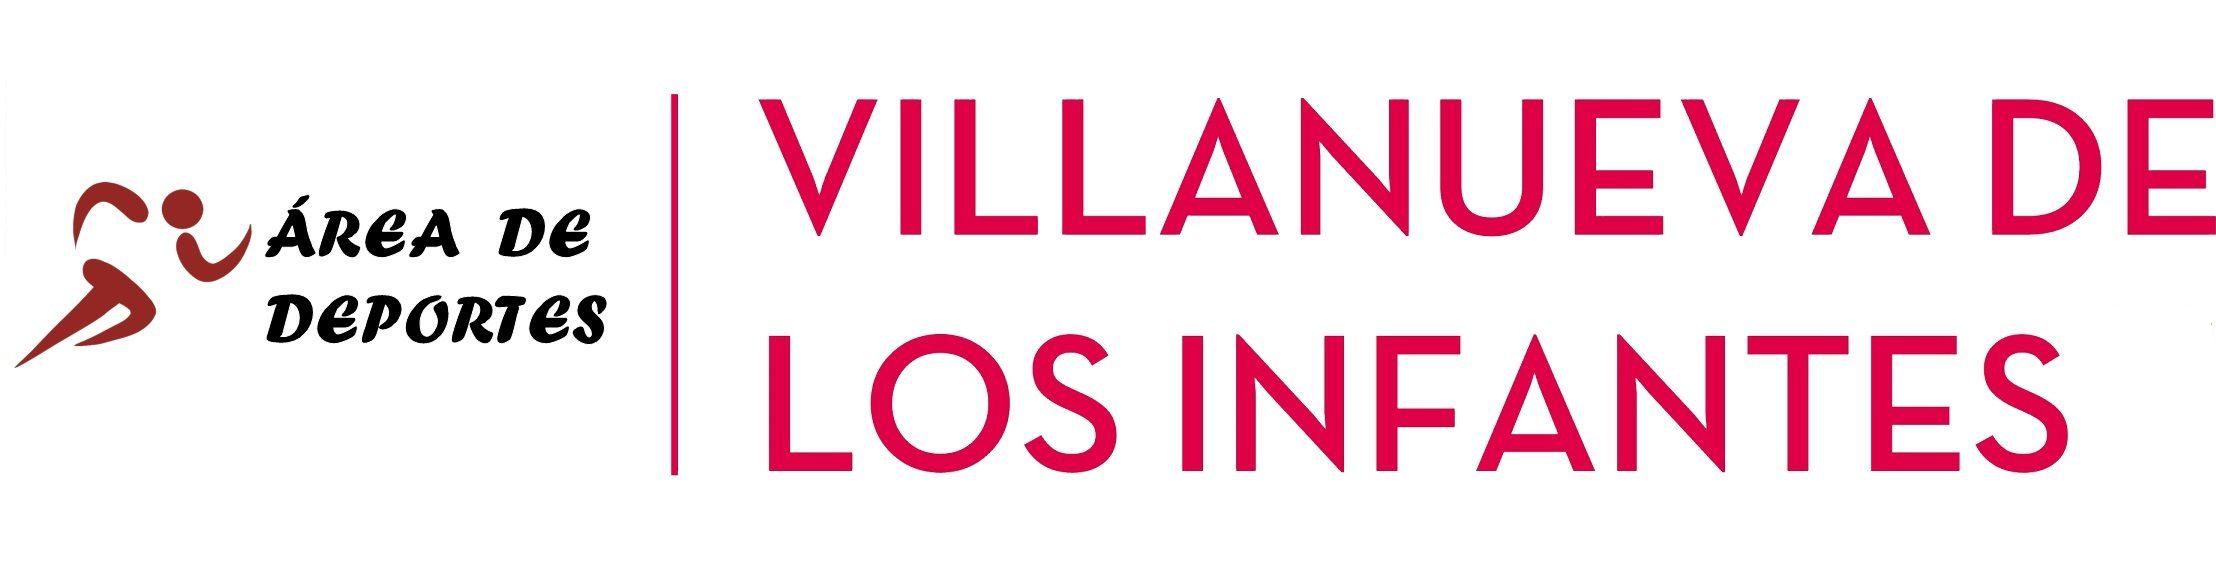 Área Deportes Villanueva de los Infantes